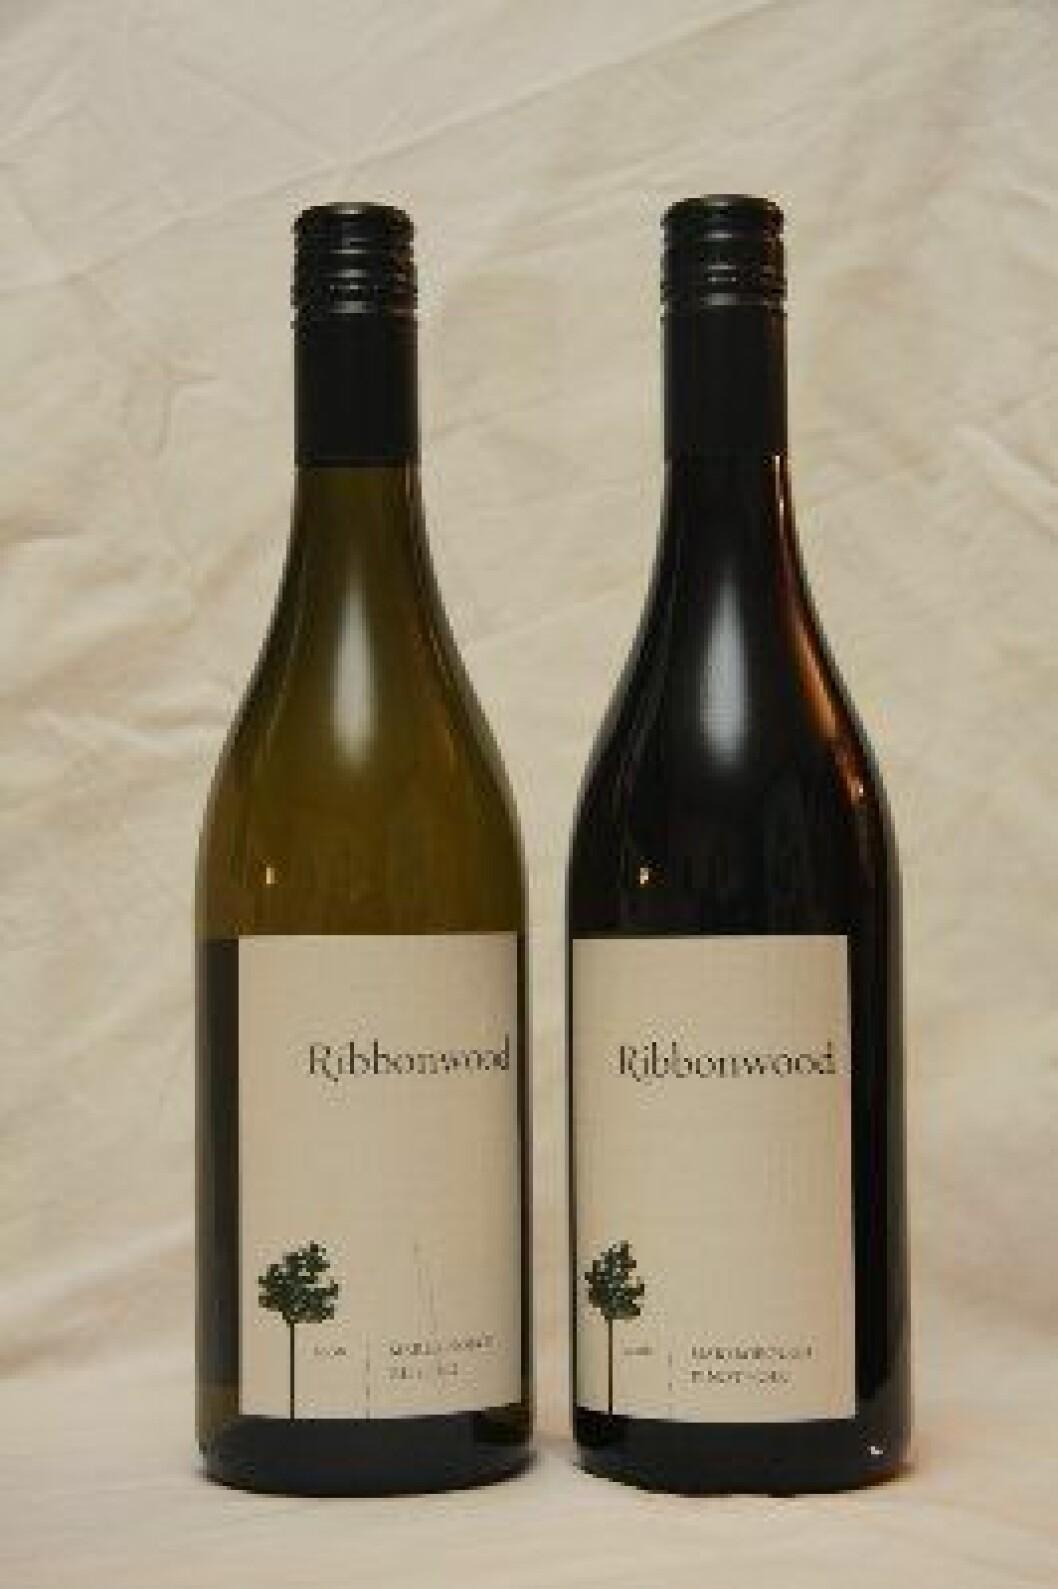 Ribbonwood New Zealand2